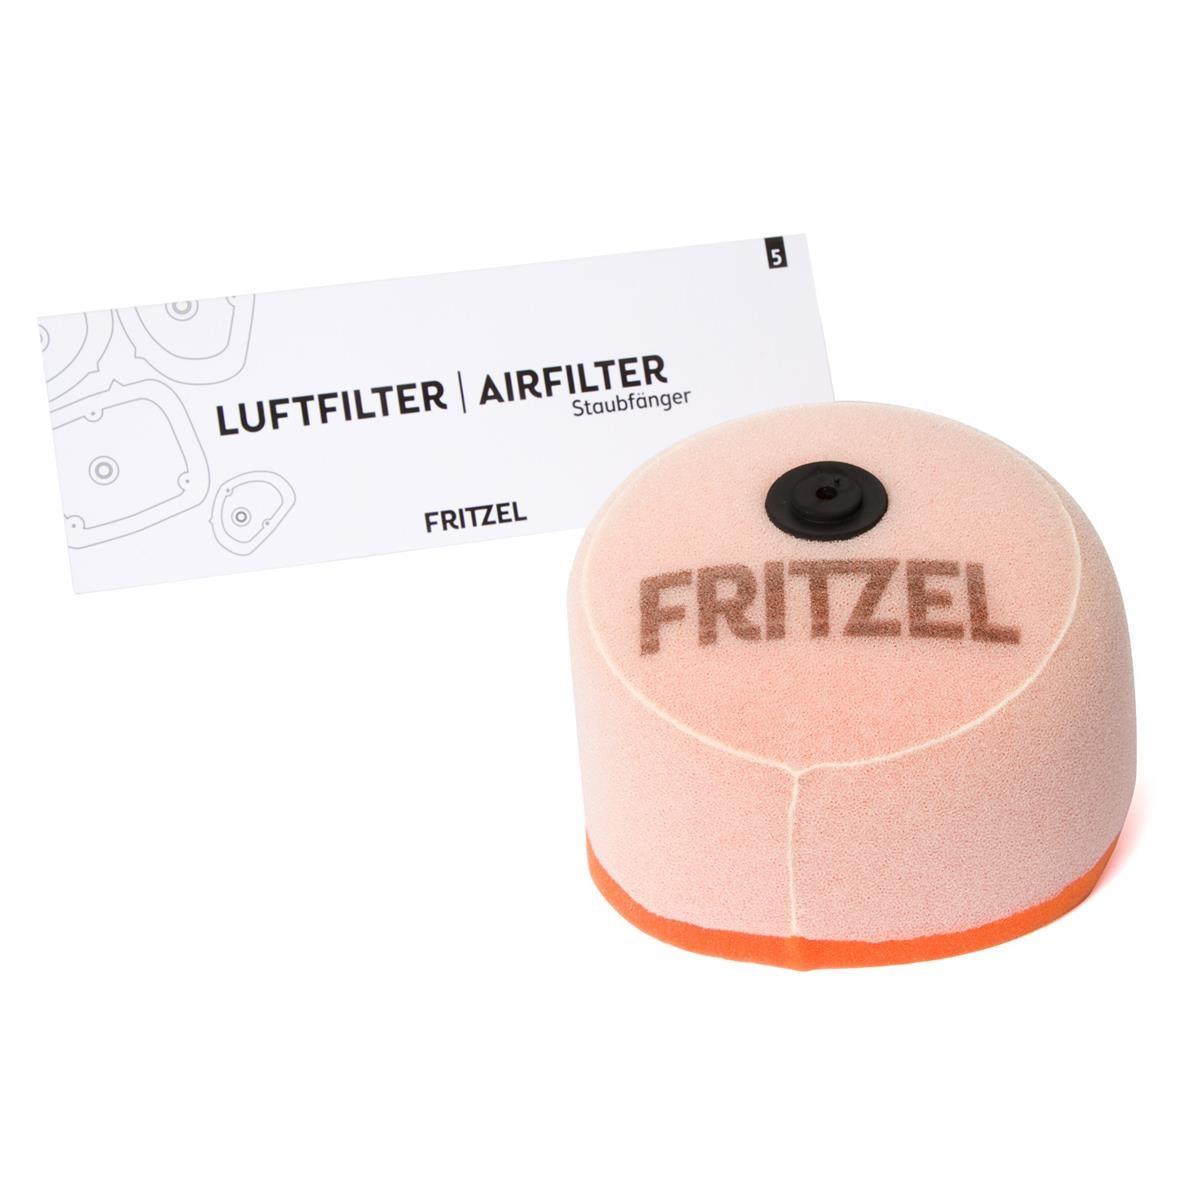 FRITZEL Luftfilter Staubfänger Husqvarna CR/WR 125/250, TE 250/310/410/450/510/610/630, TC 250/450 -13